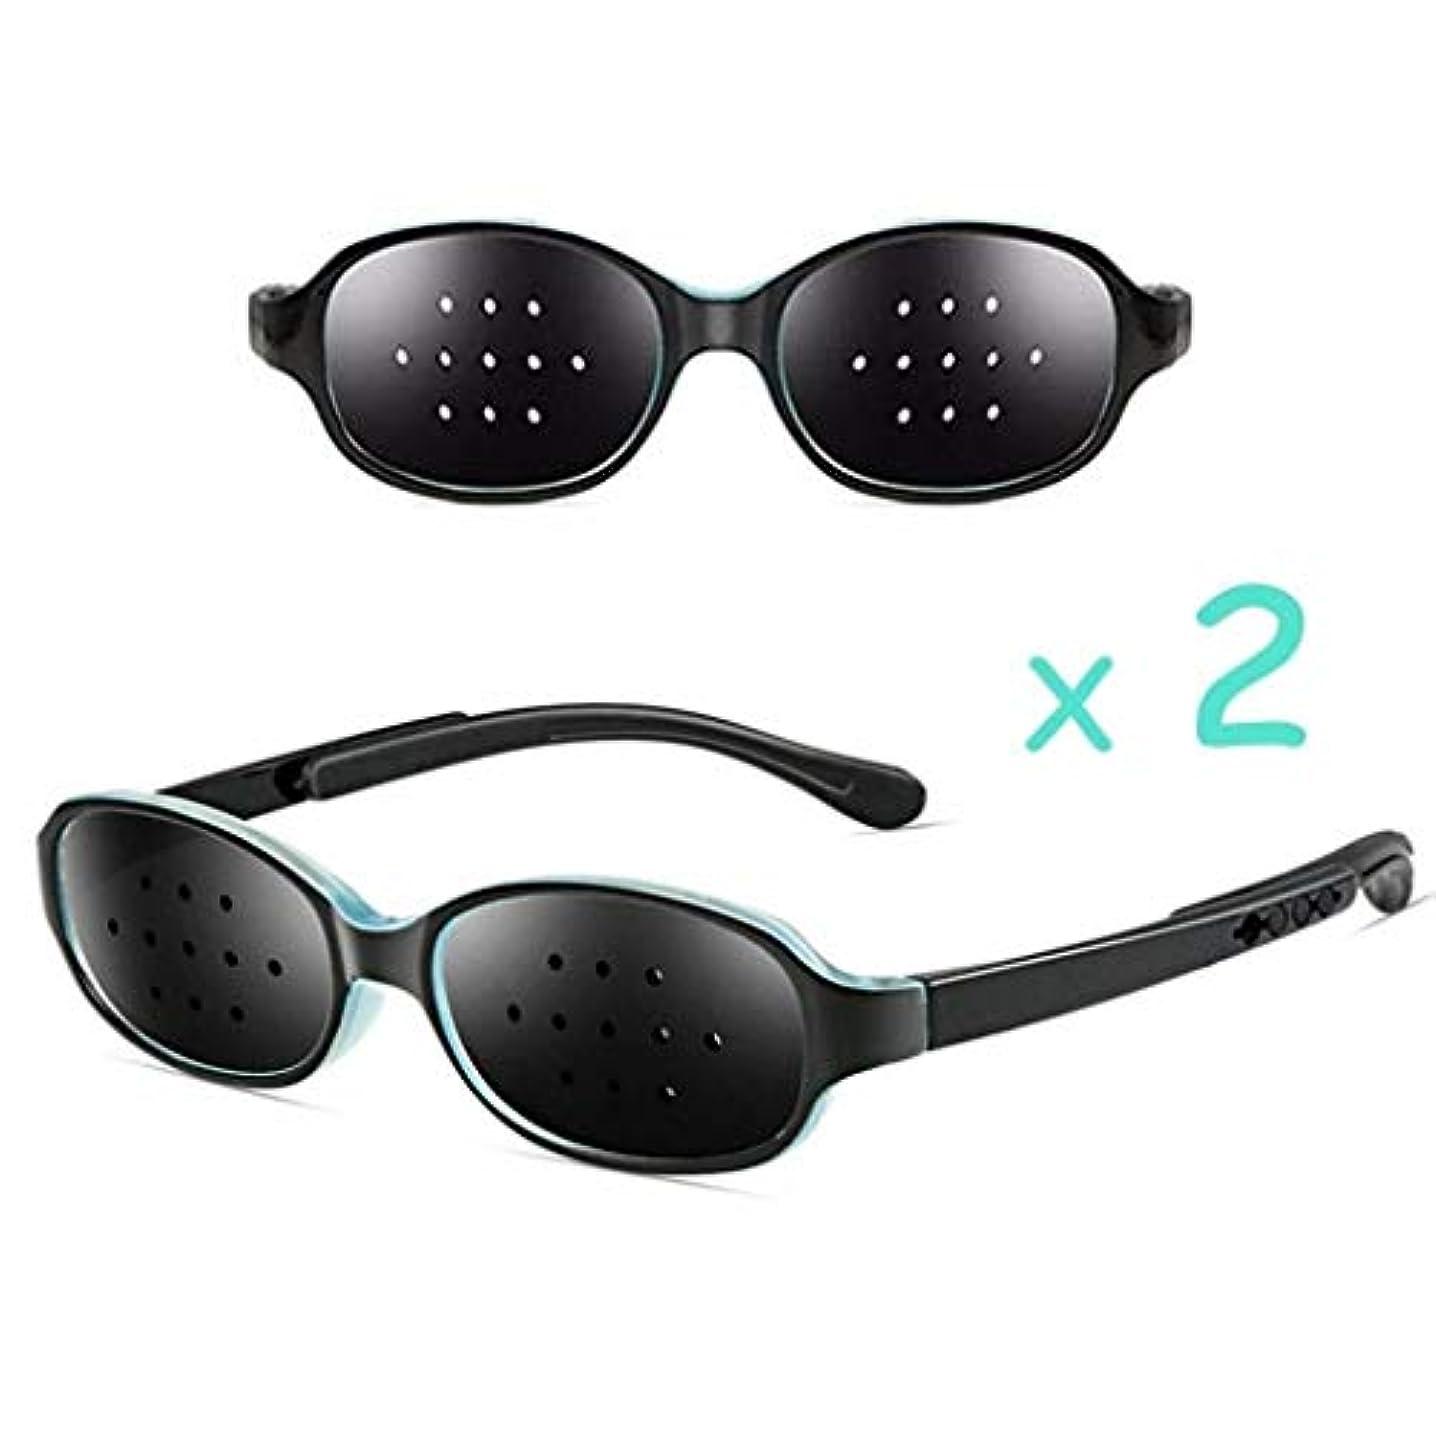 ボイコットギター論理的ピンホールメガネ、視力矯正メガネ網状視力保護メガネ耐疲労性メガネ近視の防止メガネの改善 (Color : Blue Black)